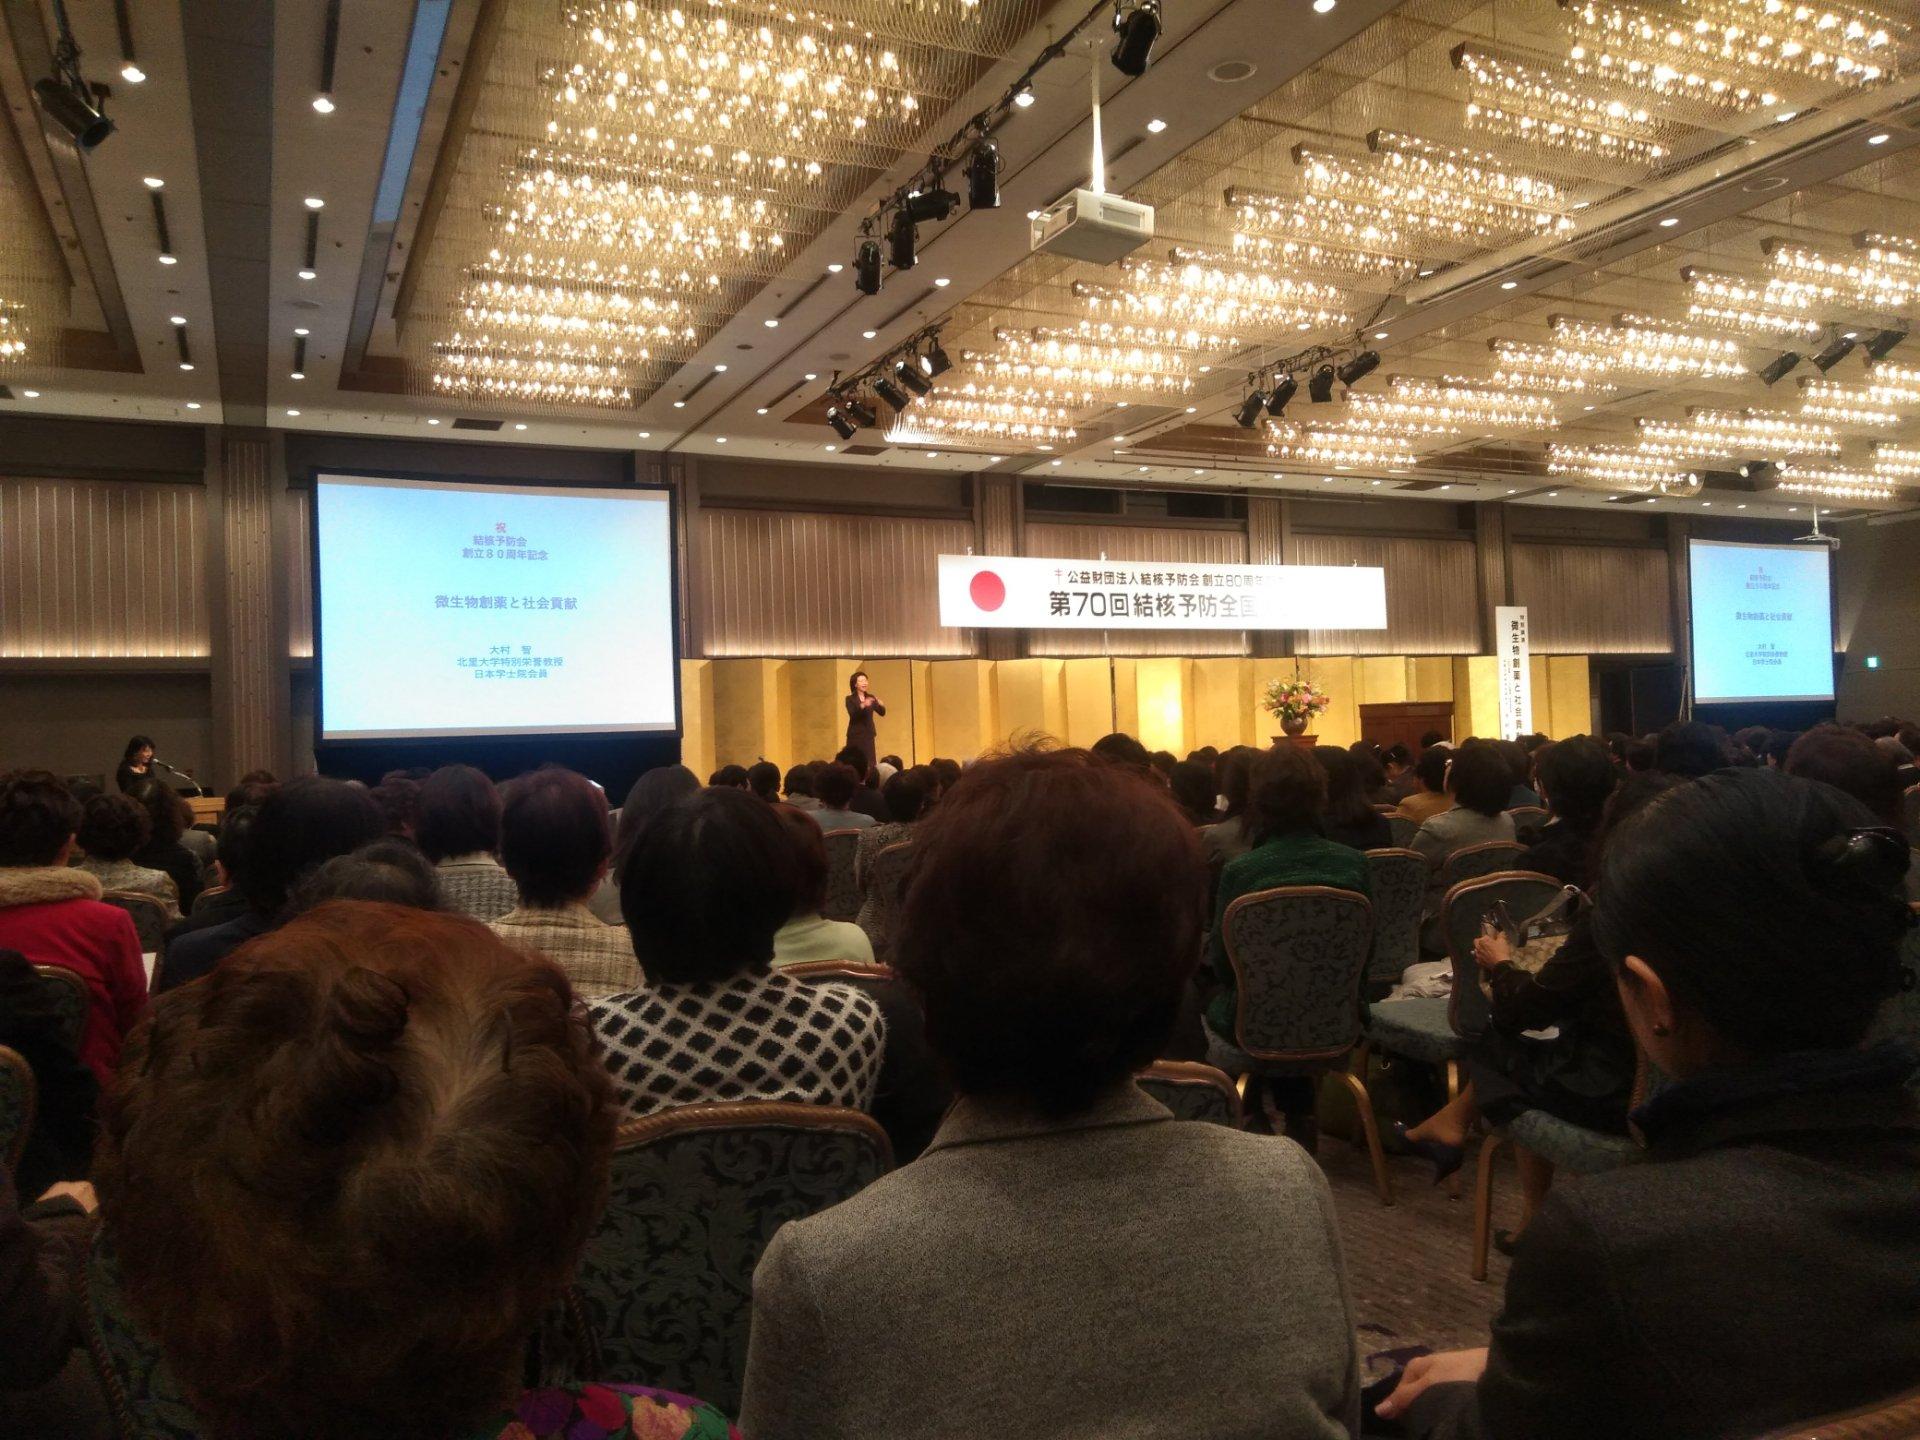 写真です。結核予防全国大会の会場で、数百人の参加者が講演を聞いています。